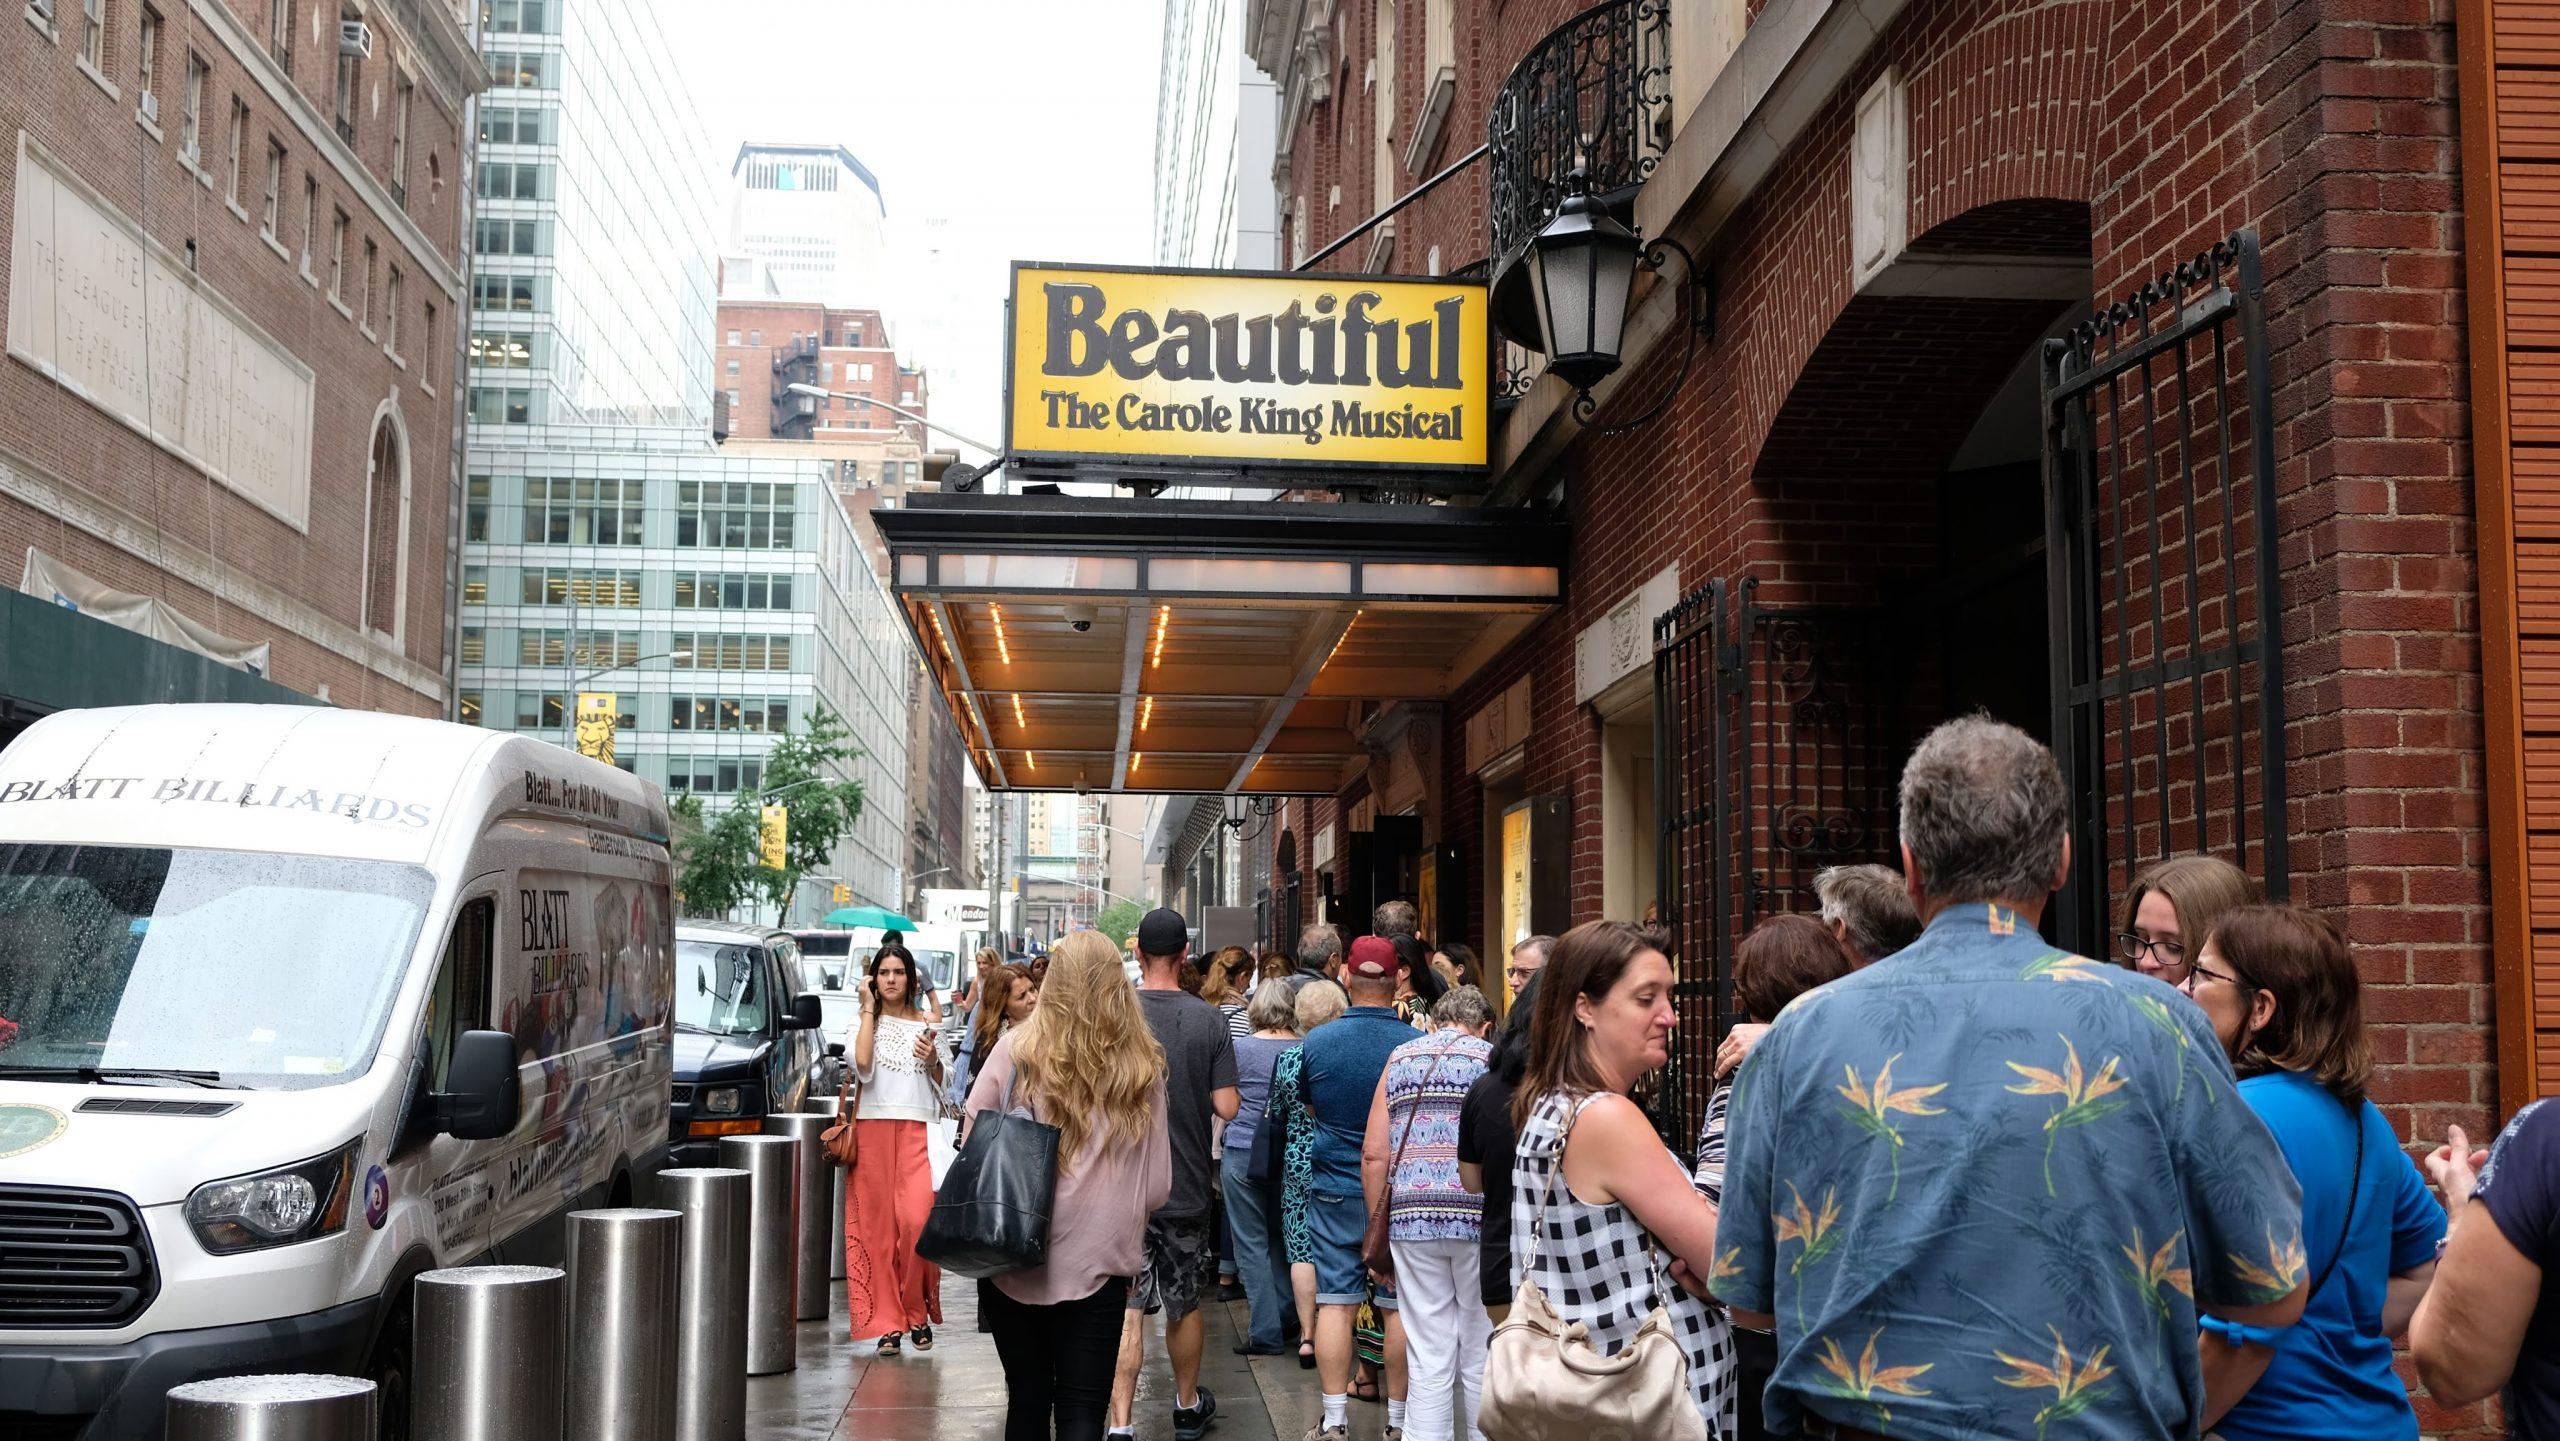 [紐約] 百老匯音樂劇之夜:Beautiful, The Carole King Musical 意外的美麗相遇